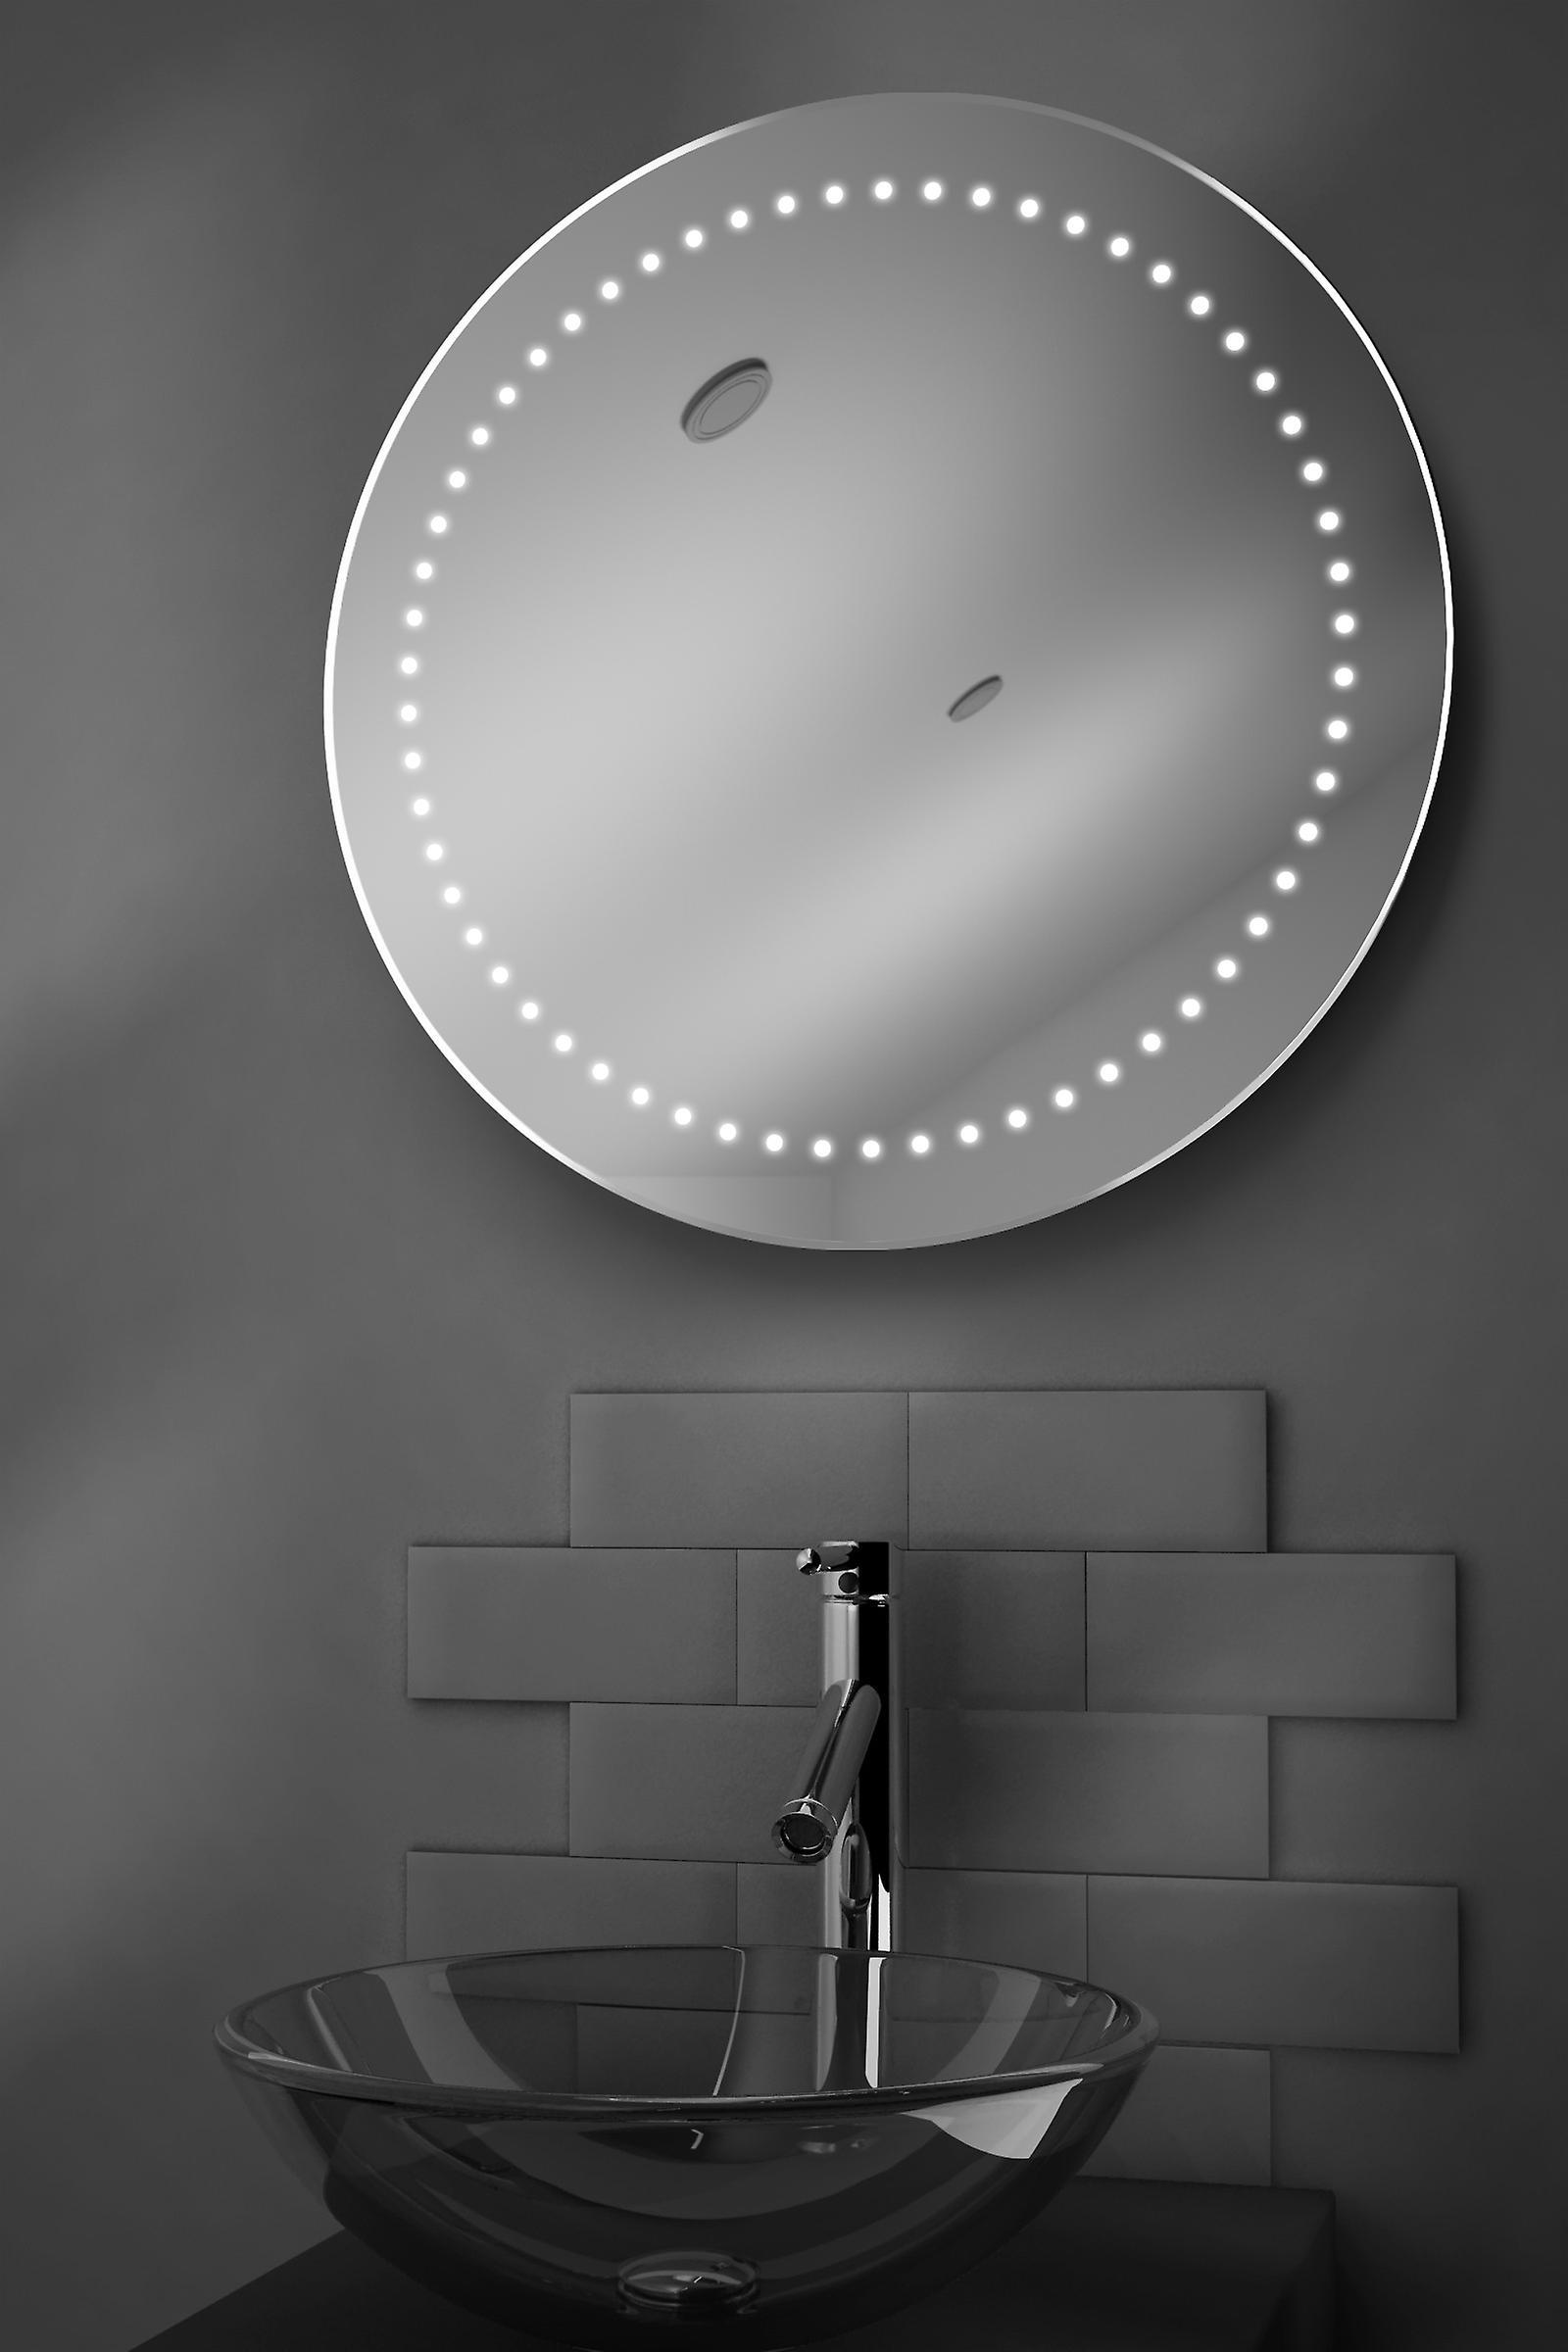 Aero Ultra-Slim LED Bathroom Mirror With Demister Pad & Sensor k98